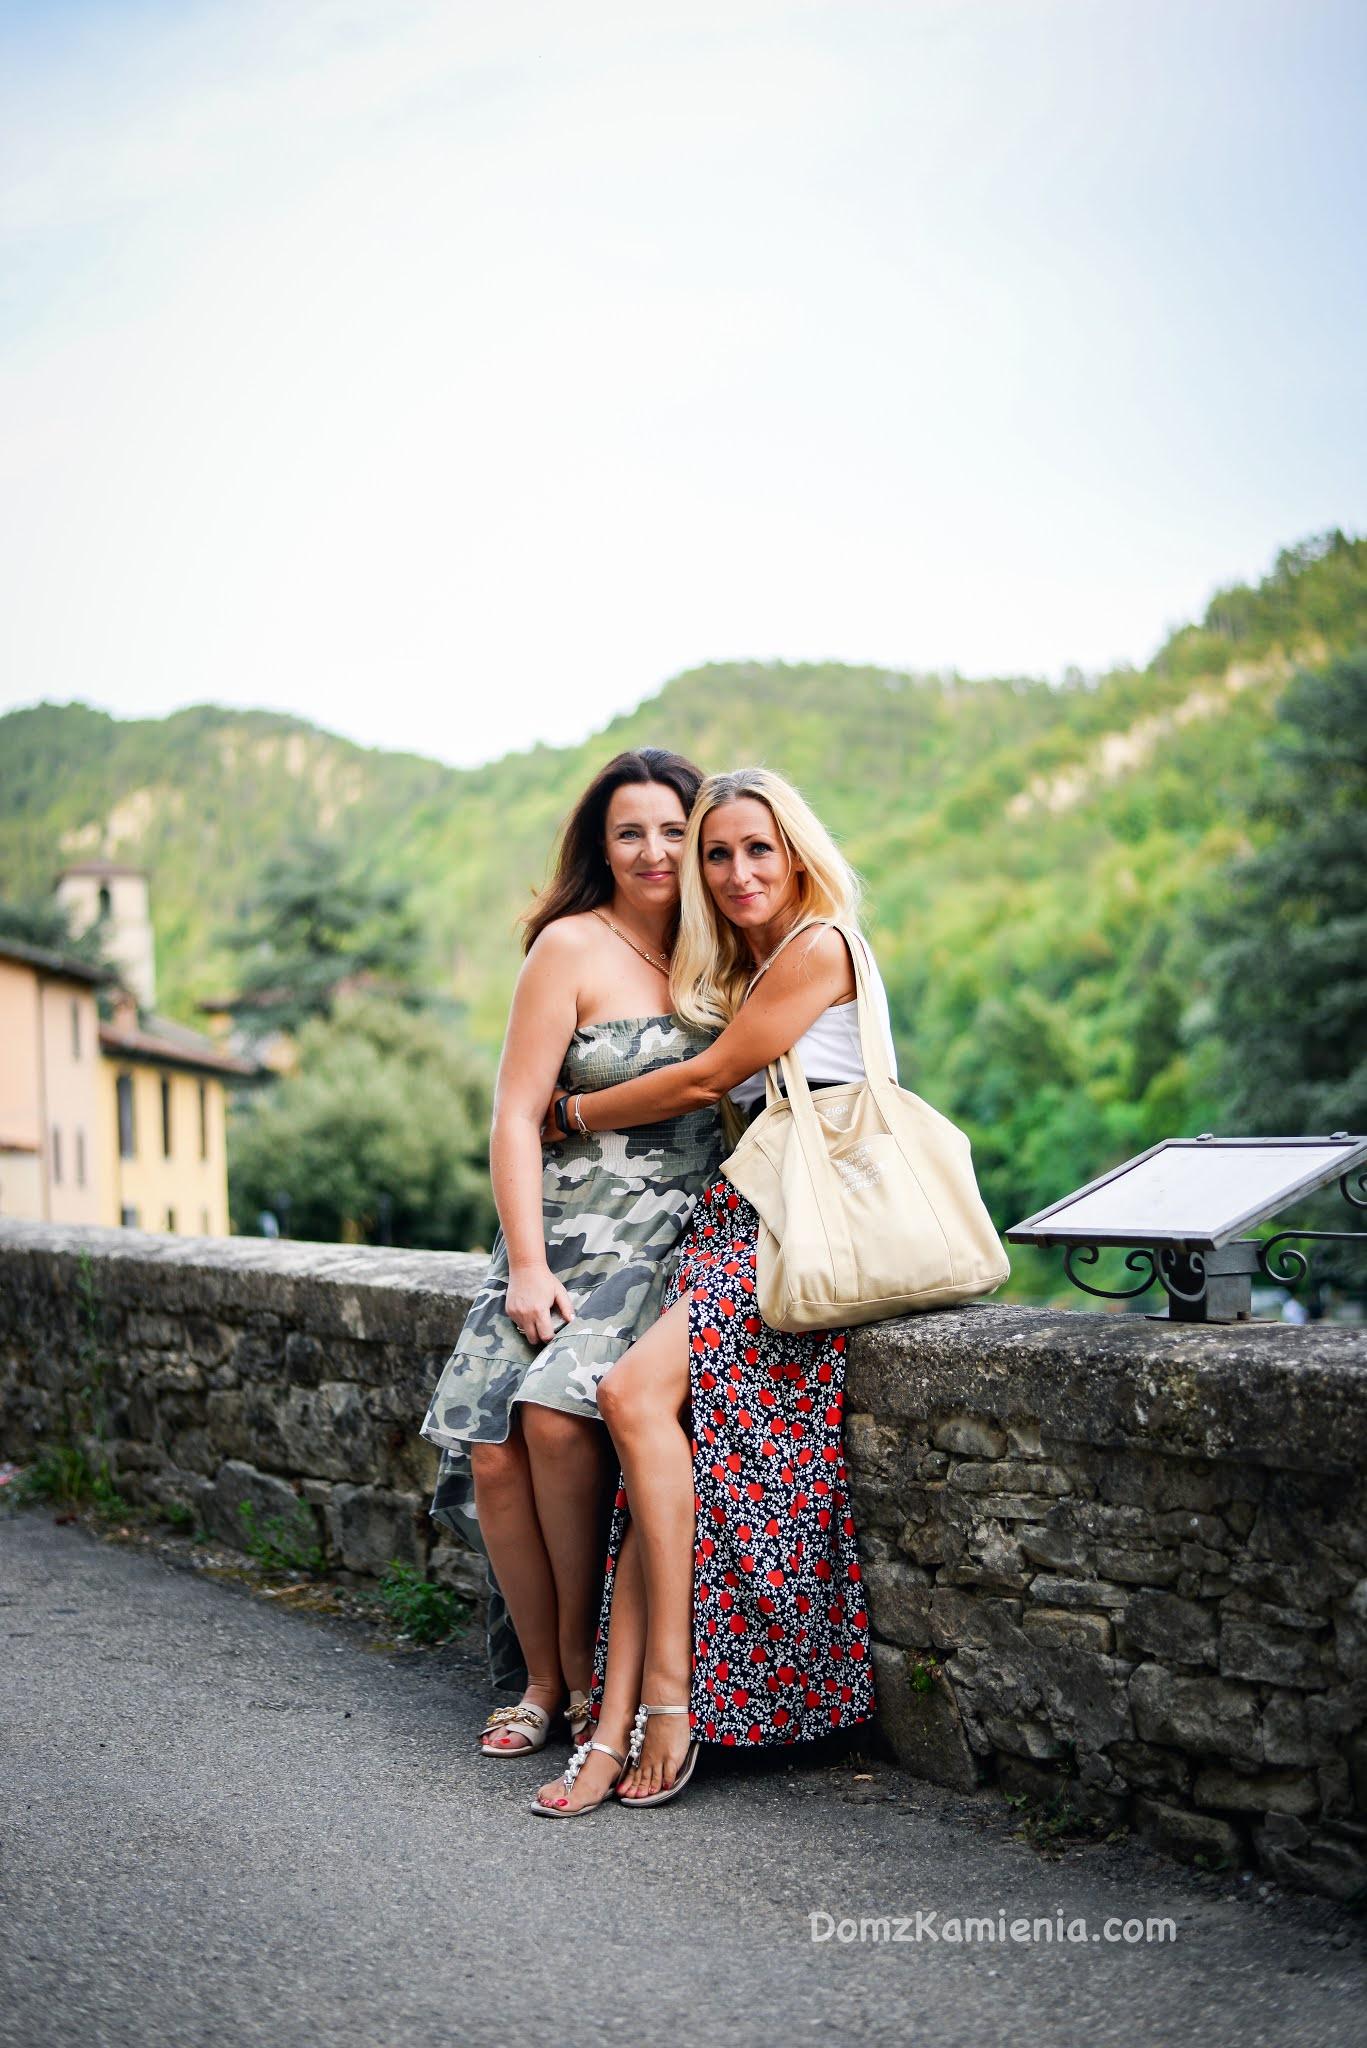 Dom z Kamienia blog o życiu we Włoszech.